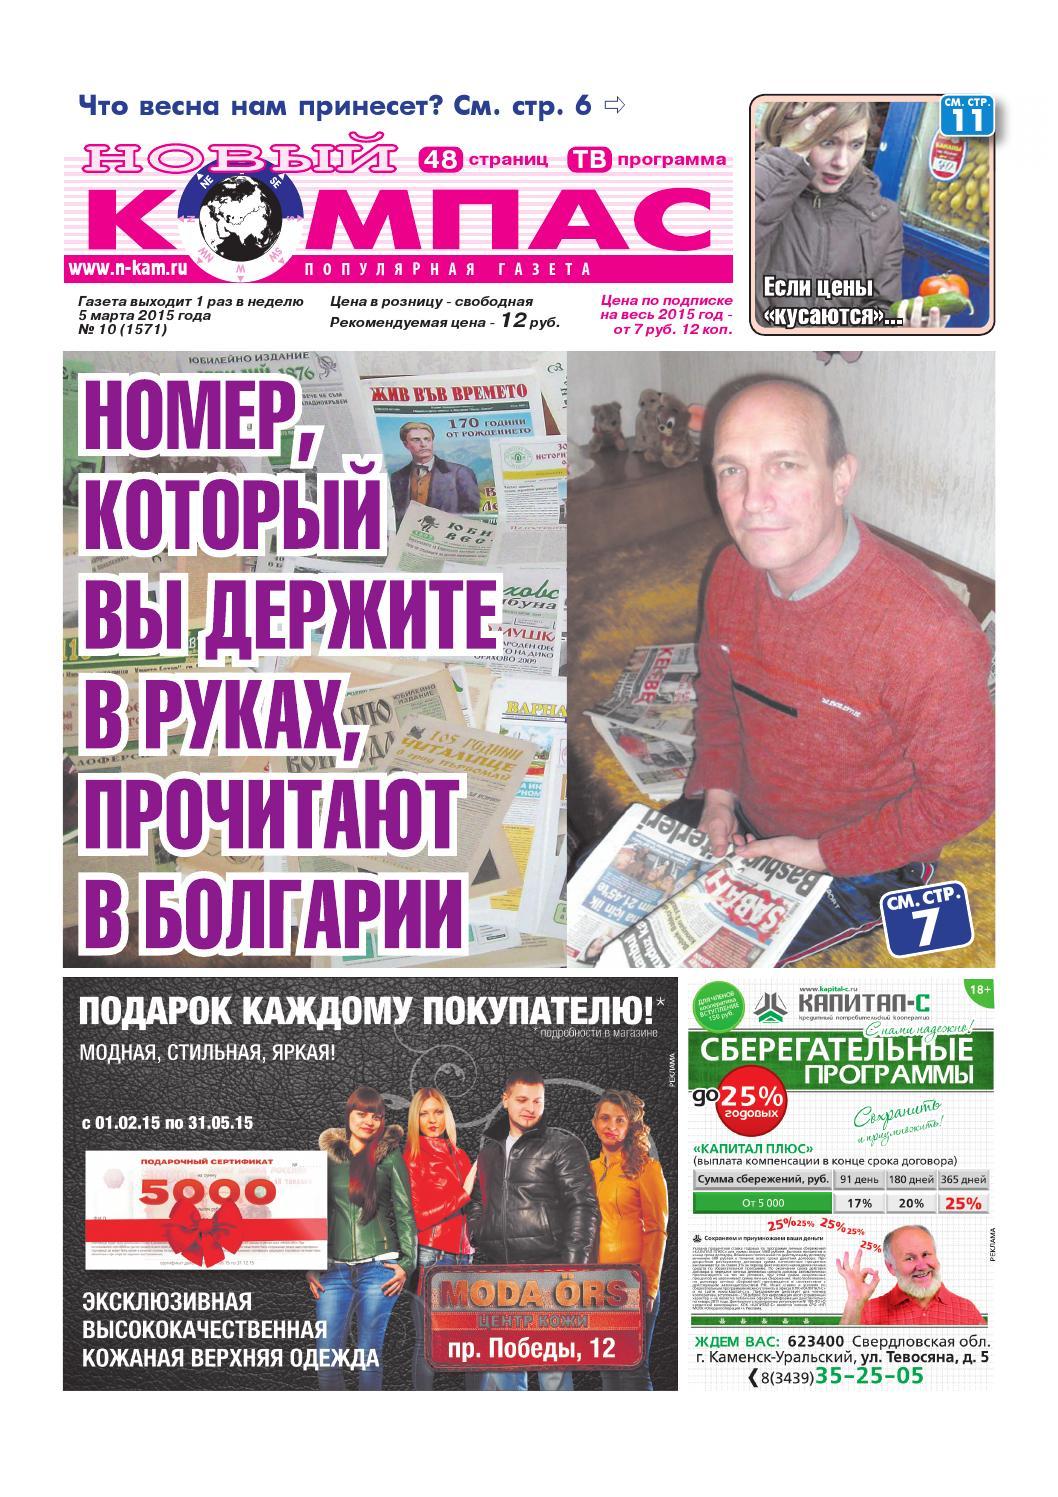 Подать объявление на сайт газеты нет проблем г.каменск-уральский подать бесплатное объявление в улан удэ